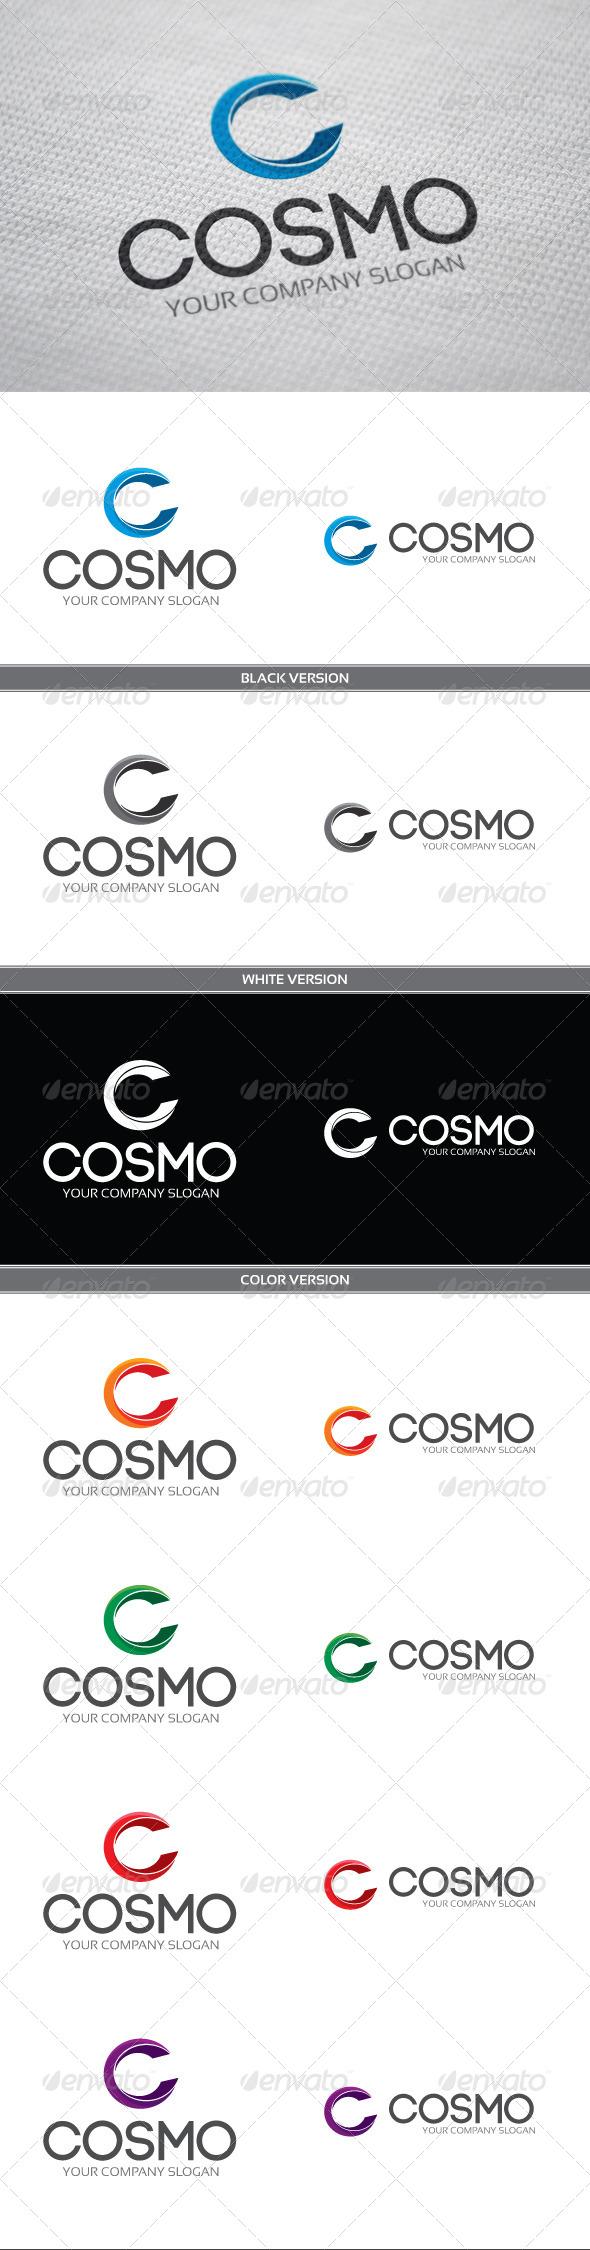 GraphicRiver Cosmo 4247808